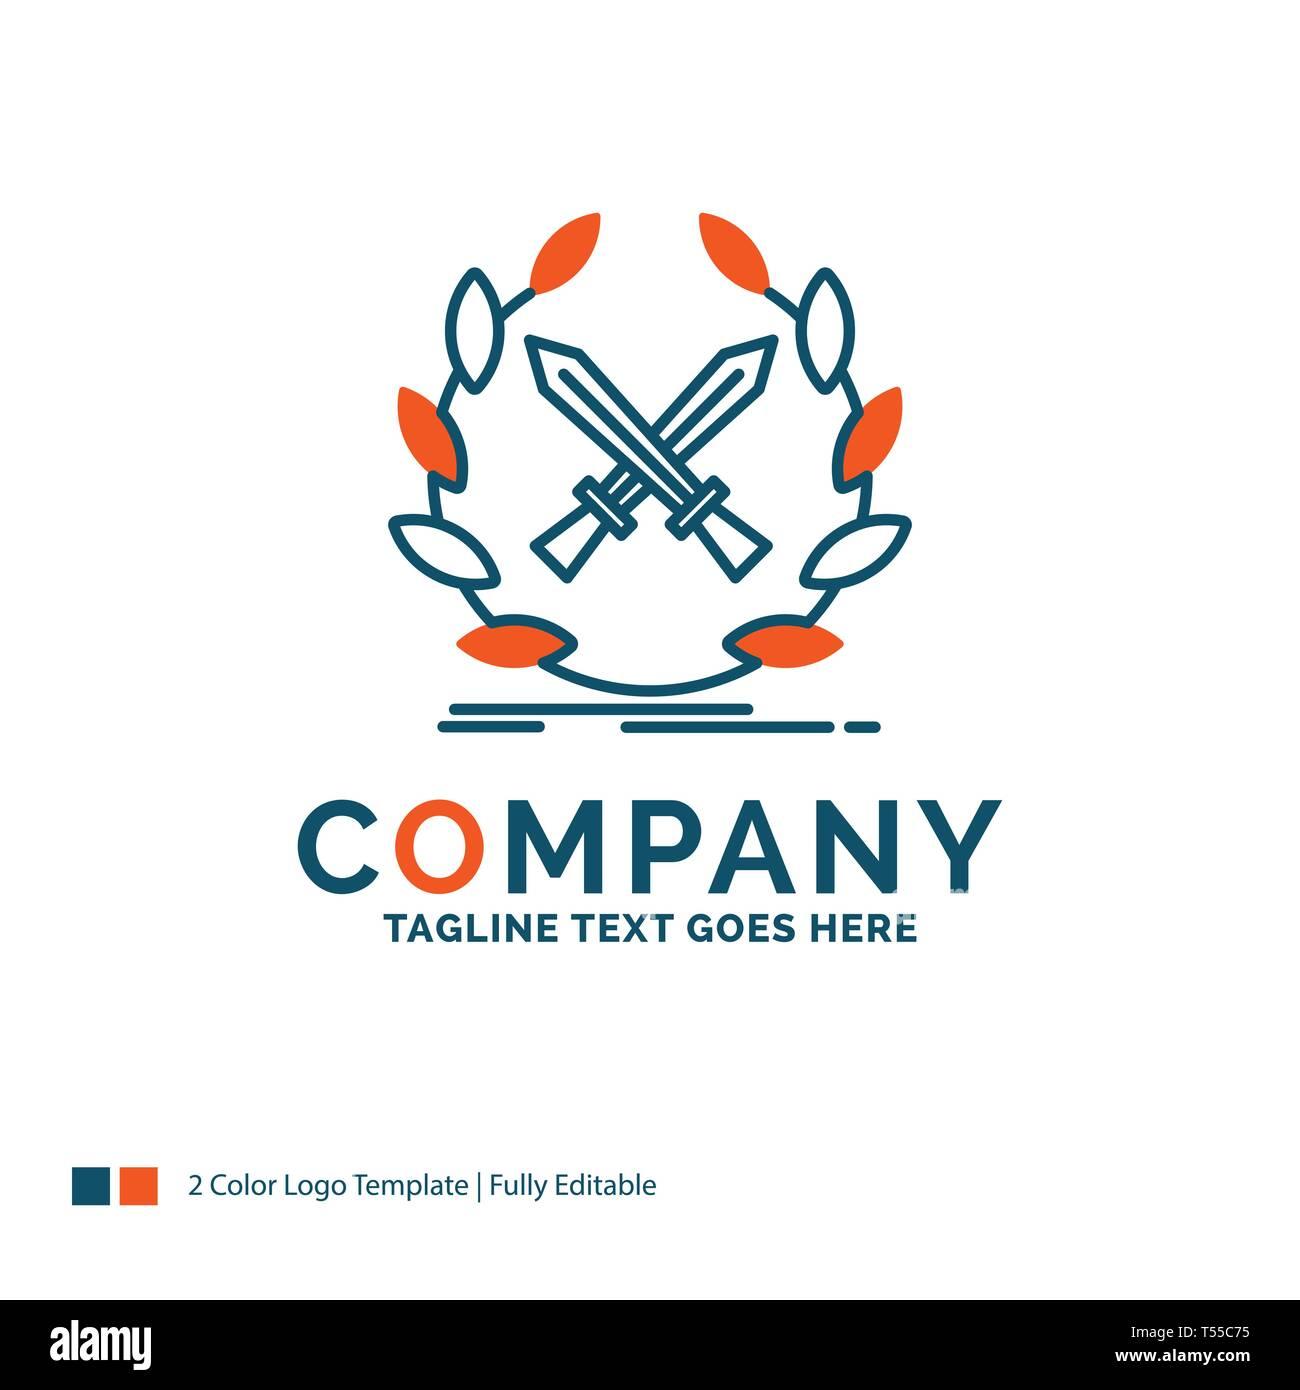 battle, emblem, game, label, swords Logo Design. Blue and Orange Brand Name Design. Place for Tagline. Business Logo template. - Stock Image